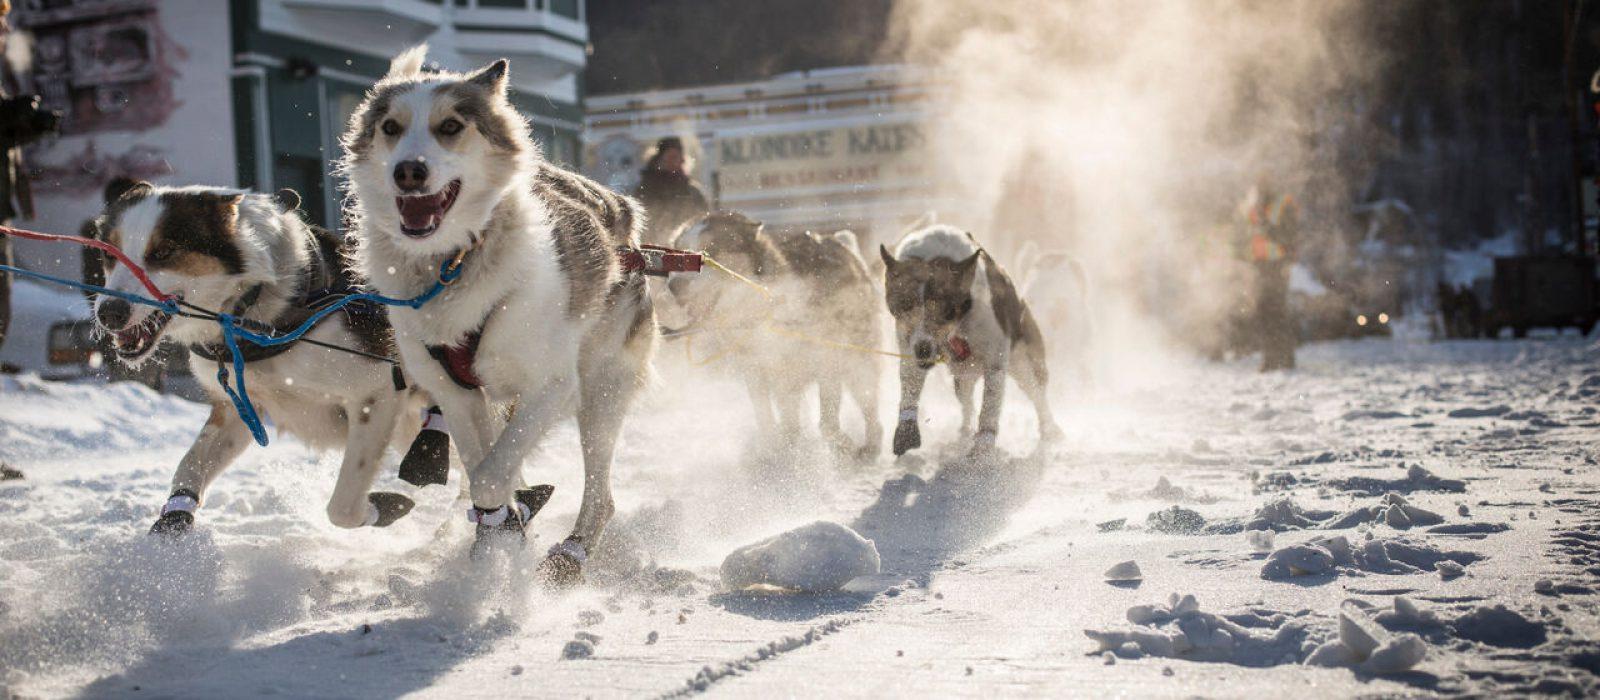 Dog Sledding in Dawson City, Yukon